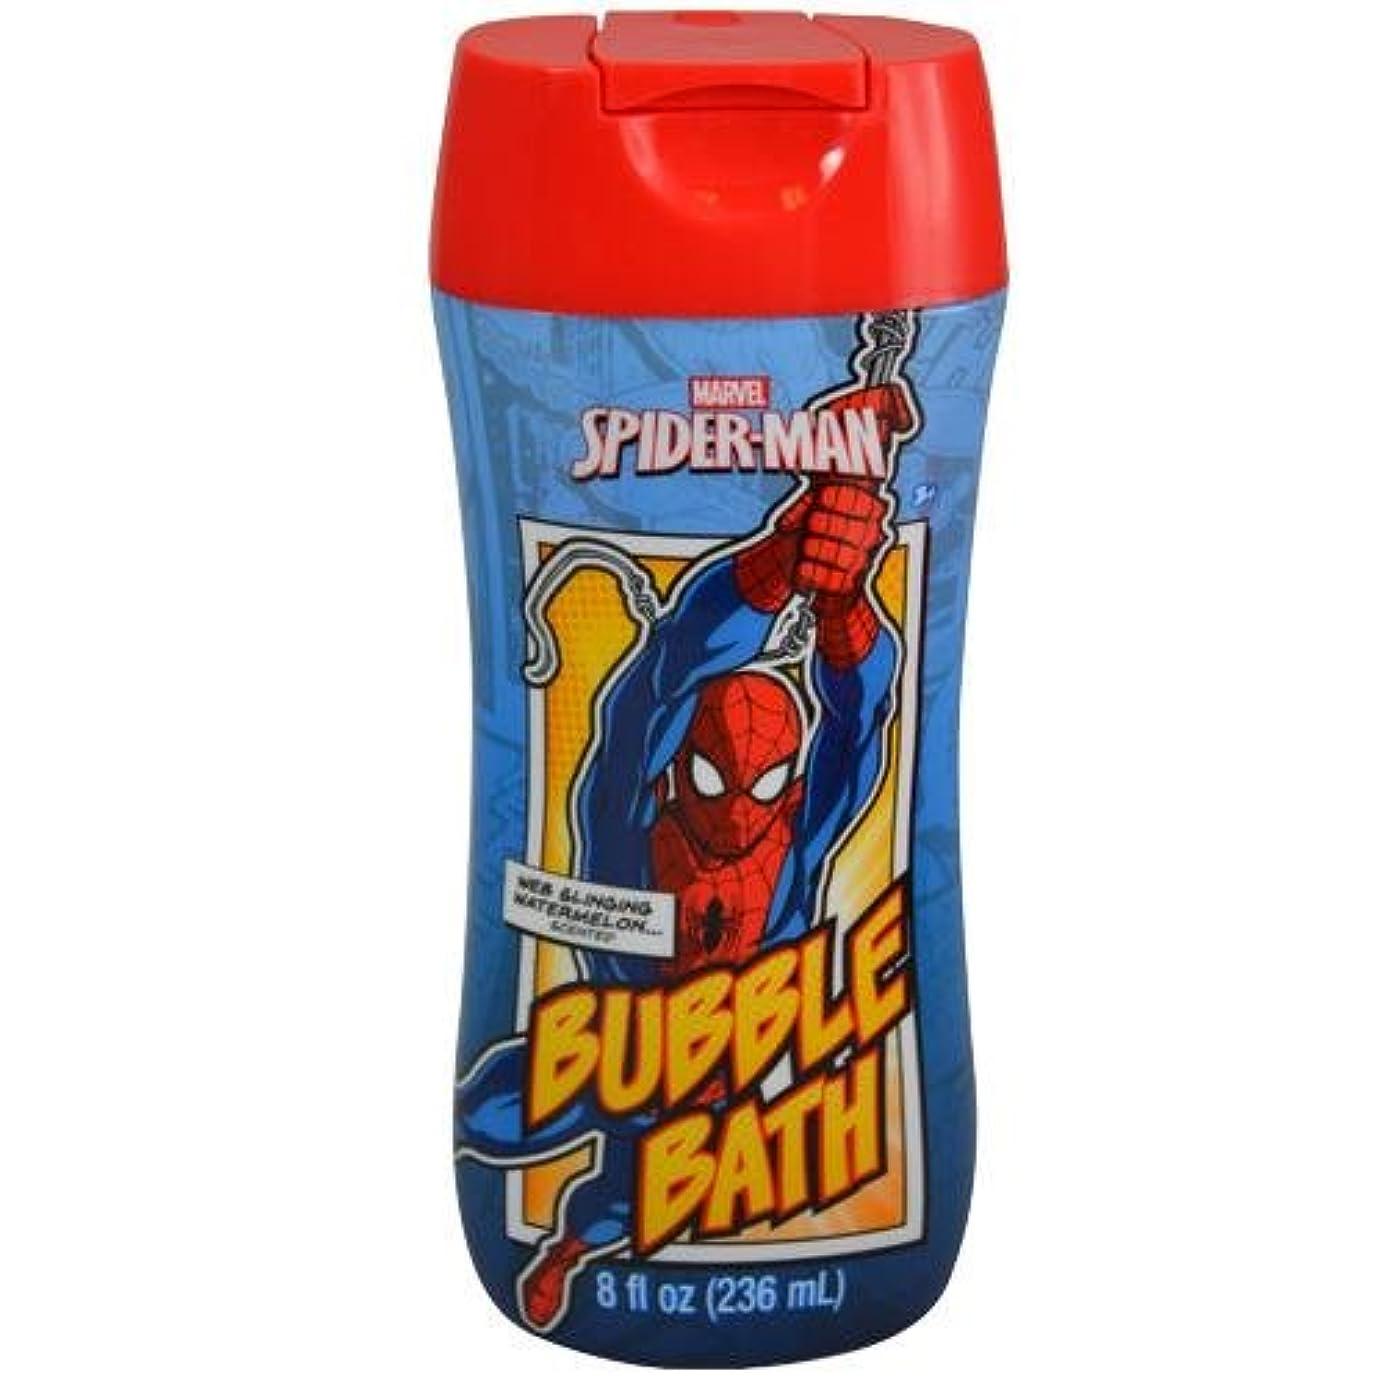 反論バランス汚いスパイダーマン SPIDER-MAN バブルバス 12190 MARVEL 入浴剤 お風呂 子供 子供用 キッズ 泡 バブル 泡風呂 MARVEL マーベル【即日?翌日発送】